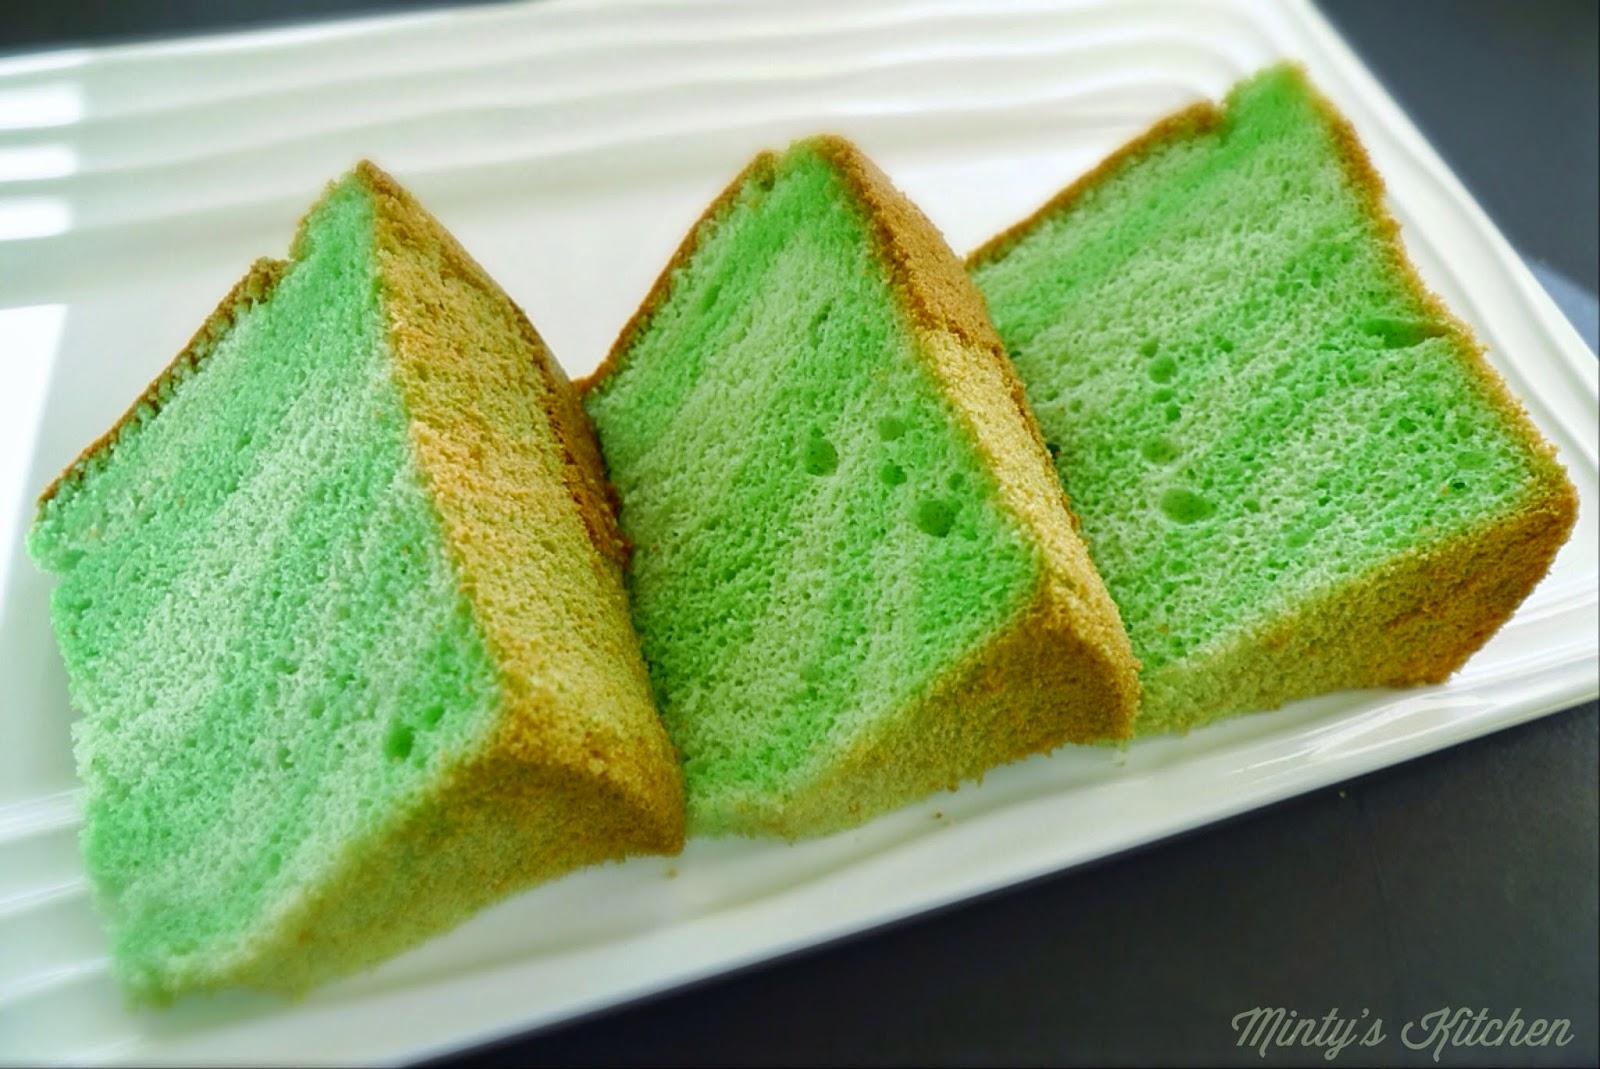 Minty's Kitchen: Scalded/Cooked Dough Pandan Chiffon Cake ...